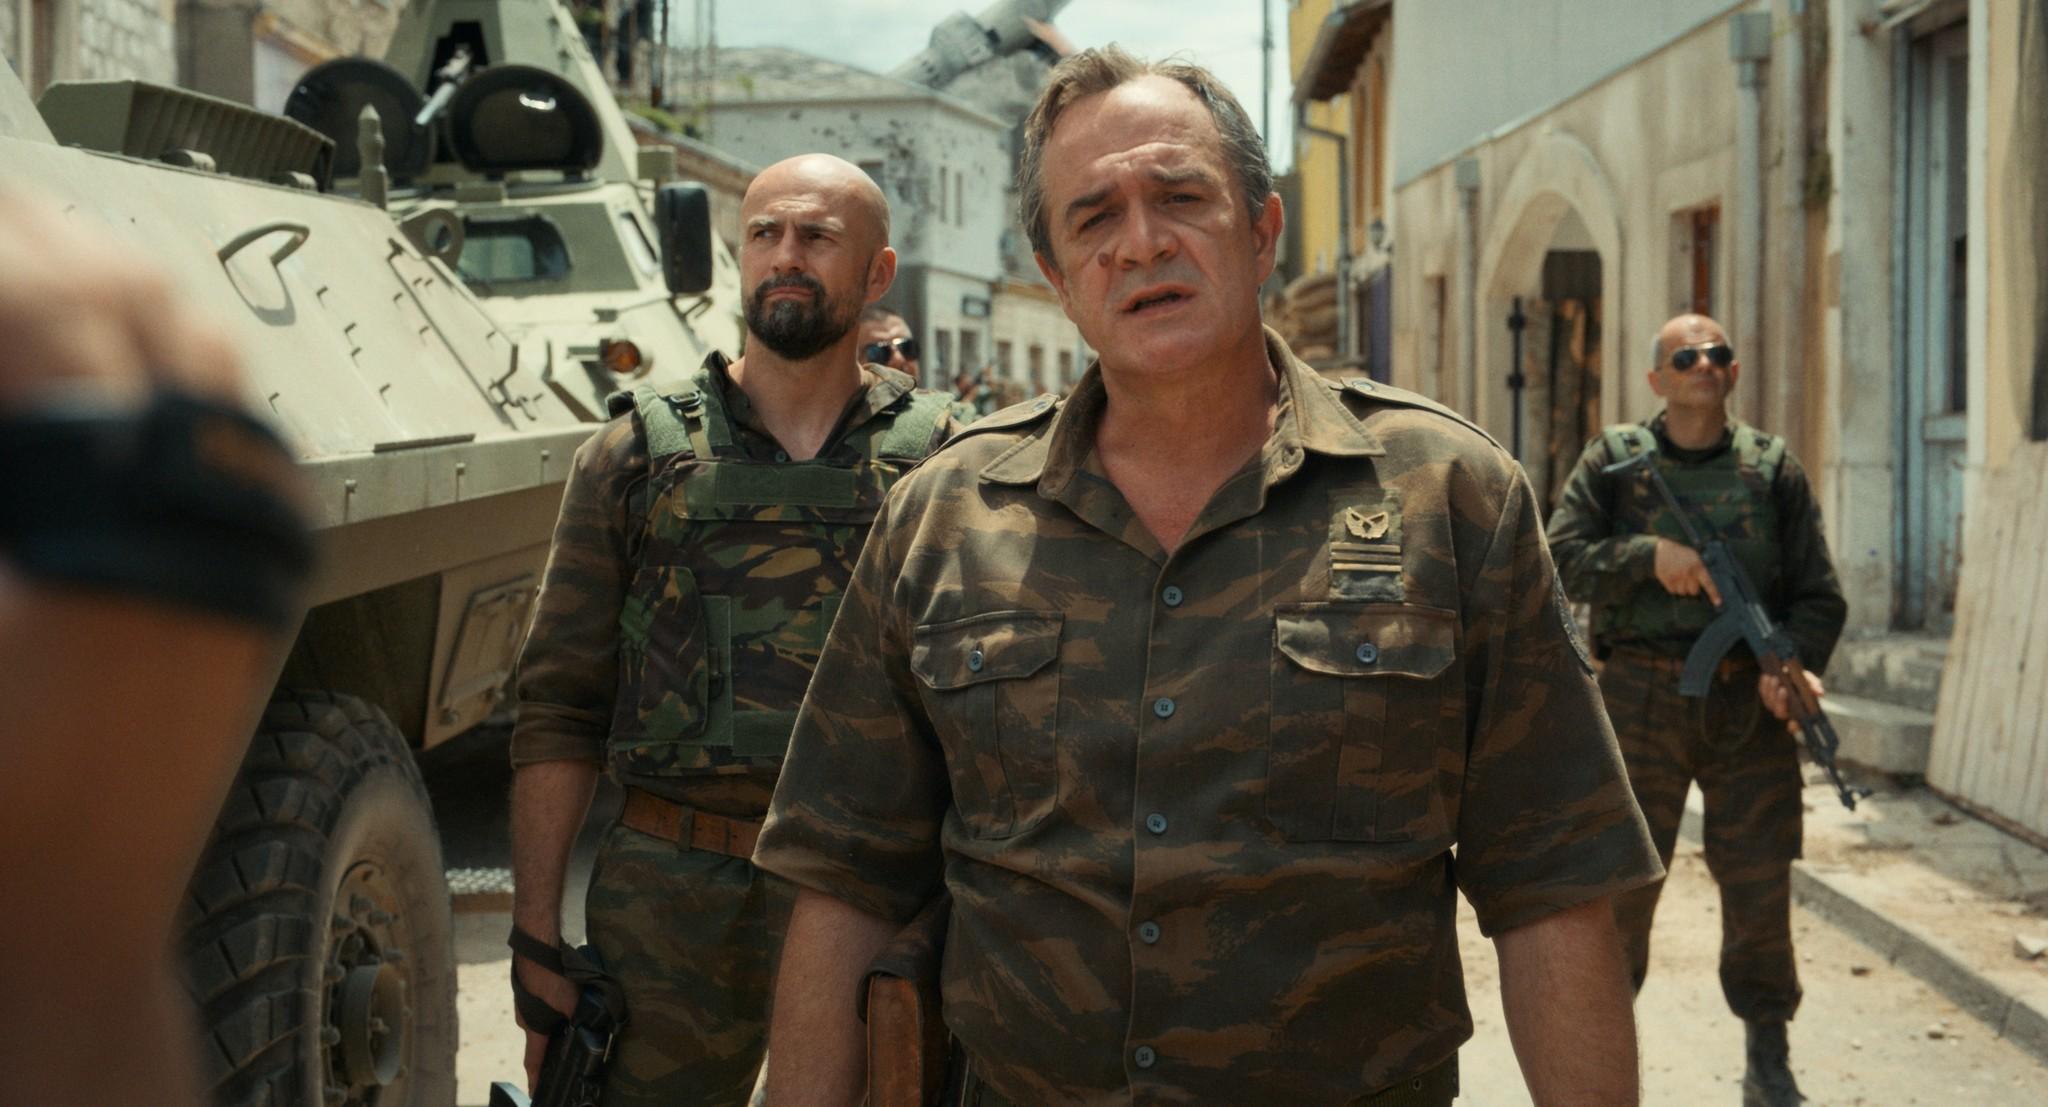 スレブレニツァ虐殺事件を主導するラトコ・ムラジッチ司令官。演じるのはセルビアの俳優ボリス・イサコヴィッチ氏で、主人公アイダを演じたヤスナ・ジュリチッチ氏とは夫婦。出演をめぐり、2人は政治的な圧力を受けているという=「アイダよ、何処へ?」より。©2020 Deblokada/coop99 filmproduktion/Digital Cube/N279/Razor Film/Extreme Emotions/Indie Prod/Tordenfilm/TRT/ZDF arte